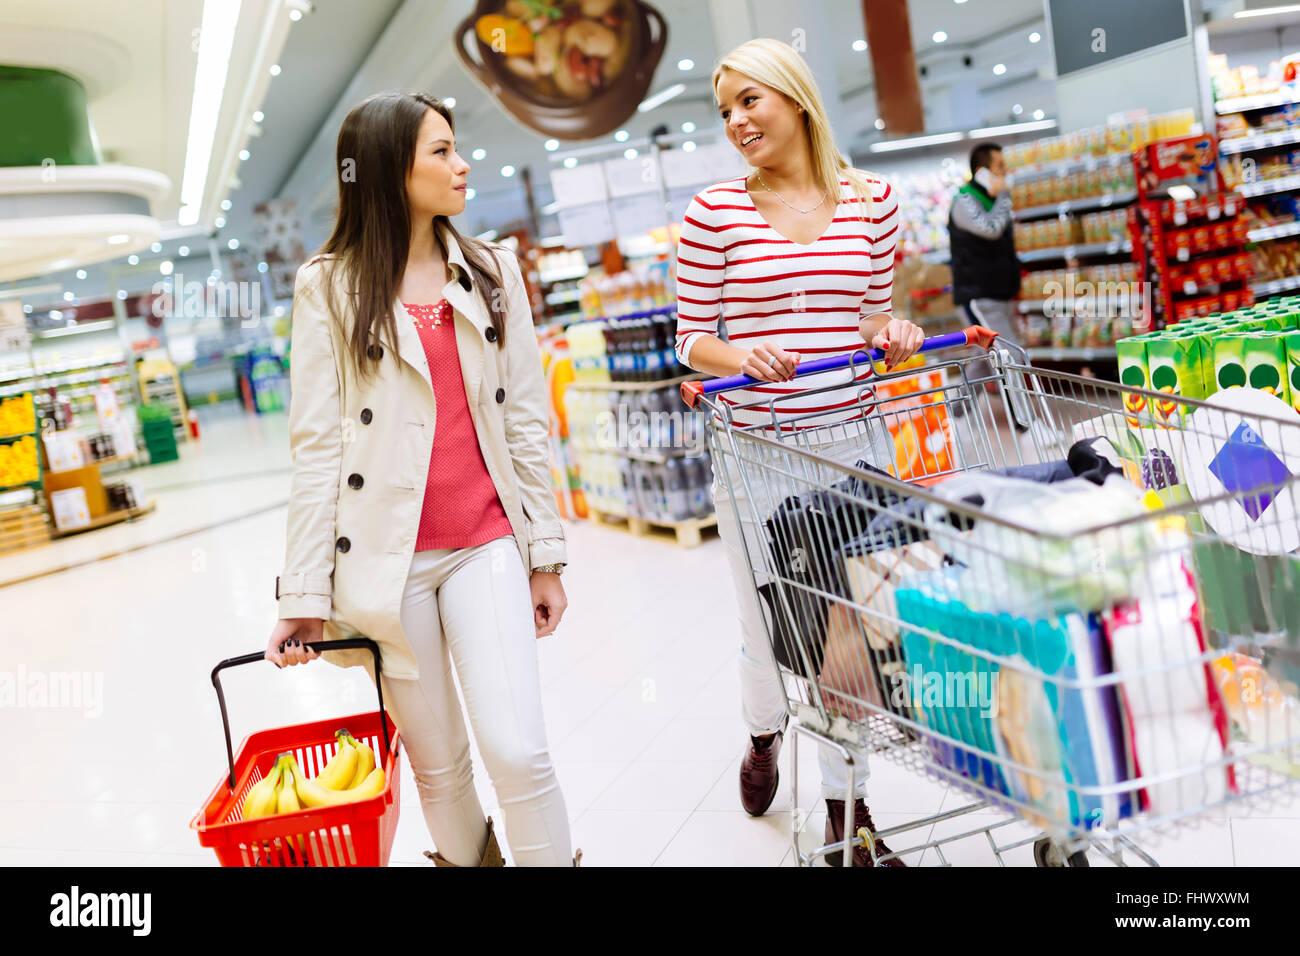 2b0a1a583f Zwei schöne Frauen, Einkauf im Supermarkt Stockfoto, Bild: 97070896 ...